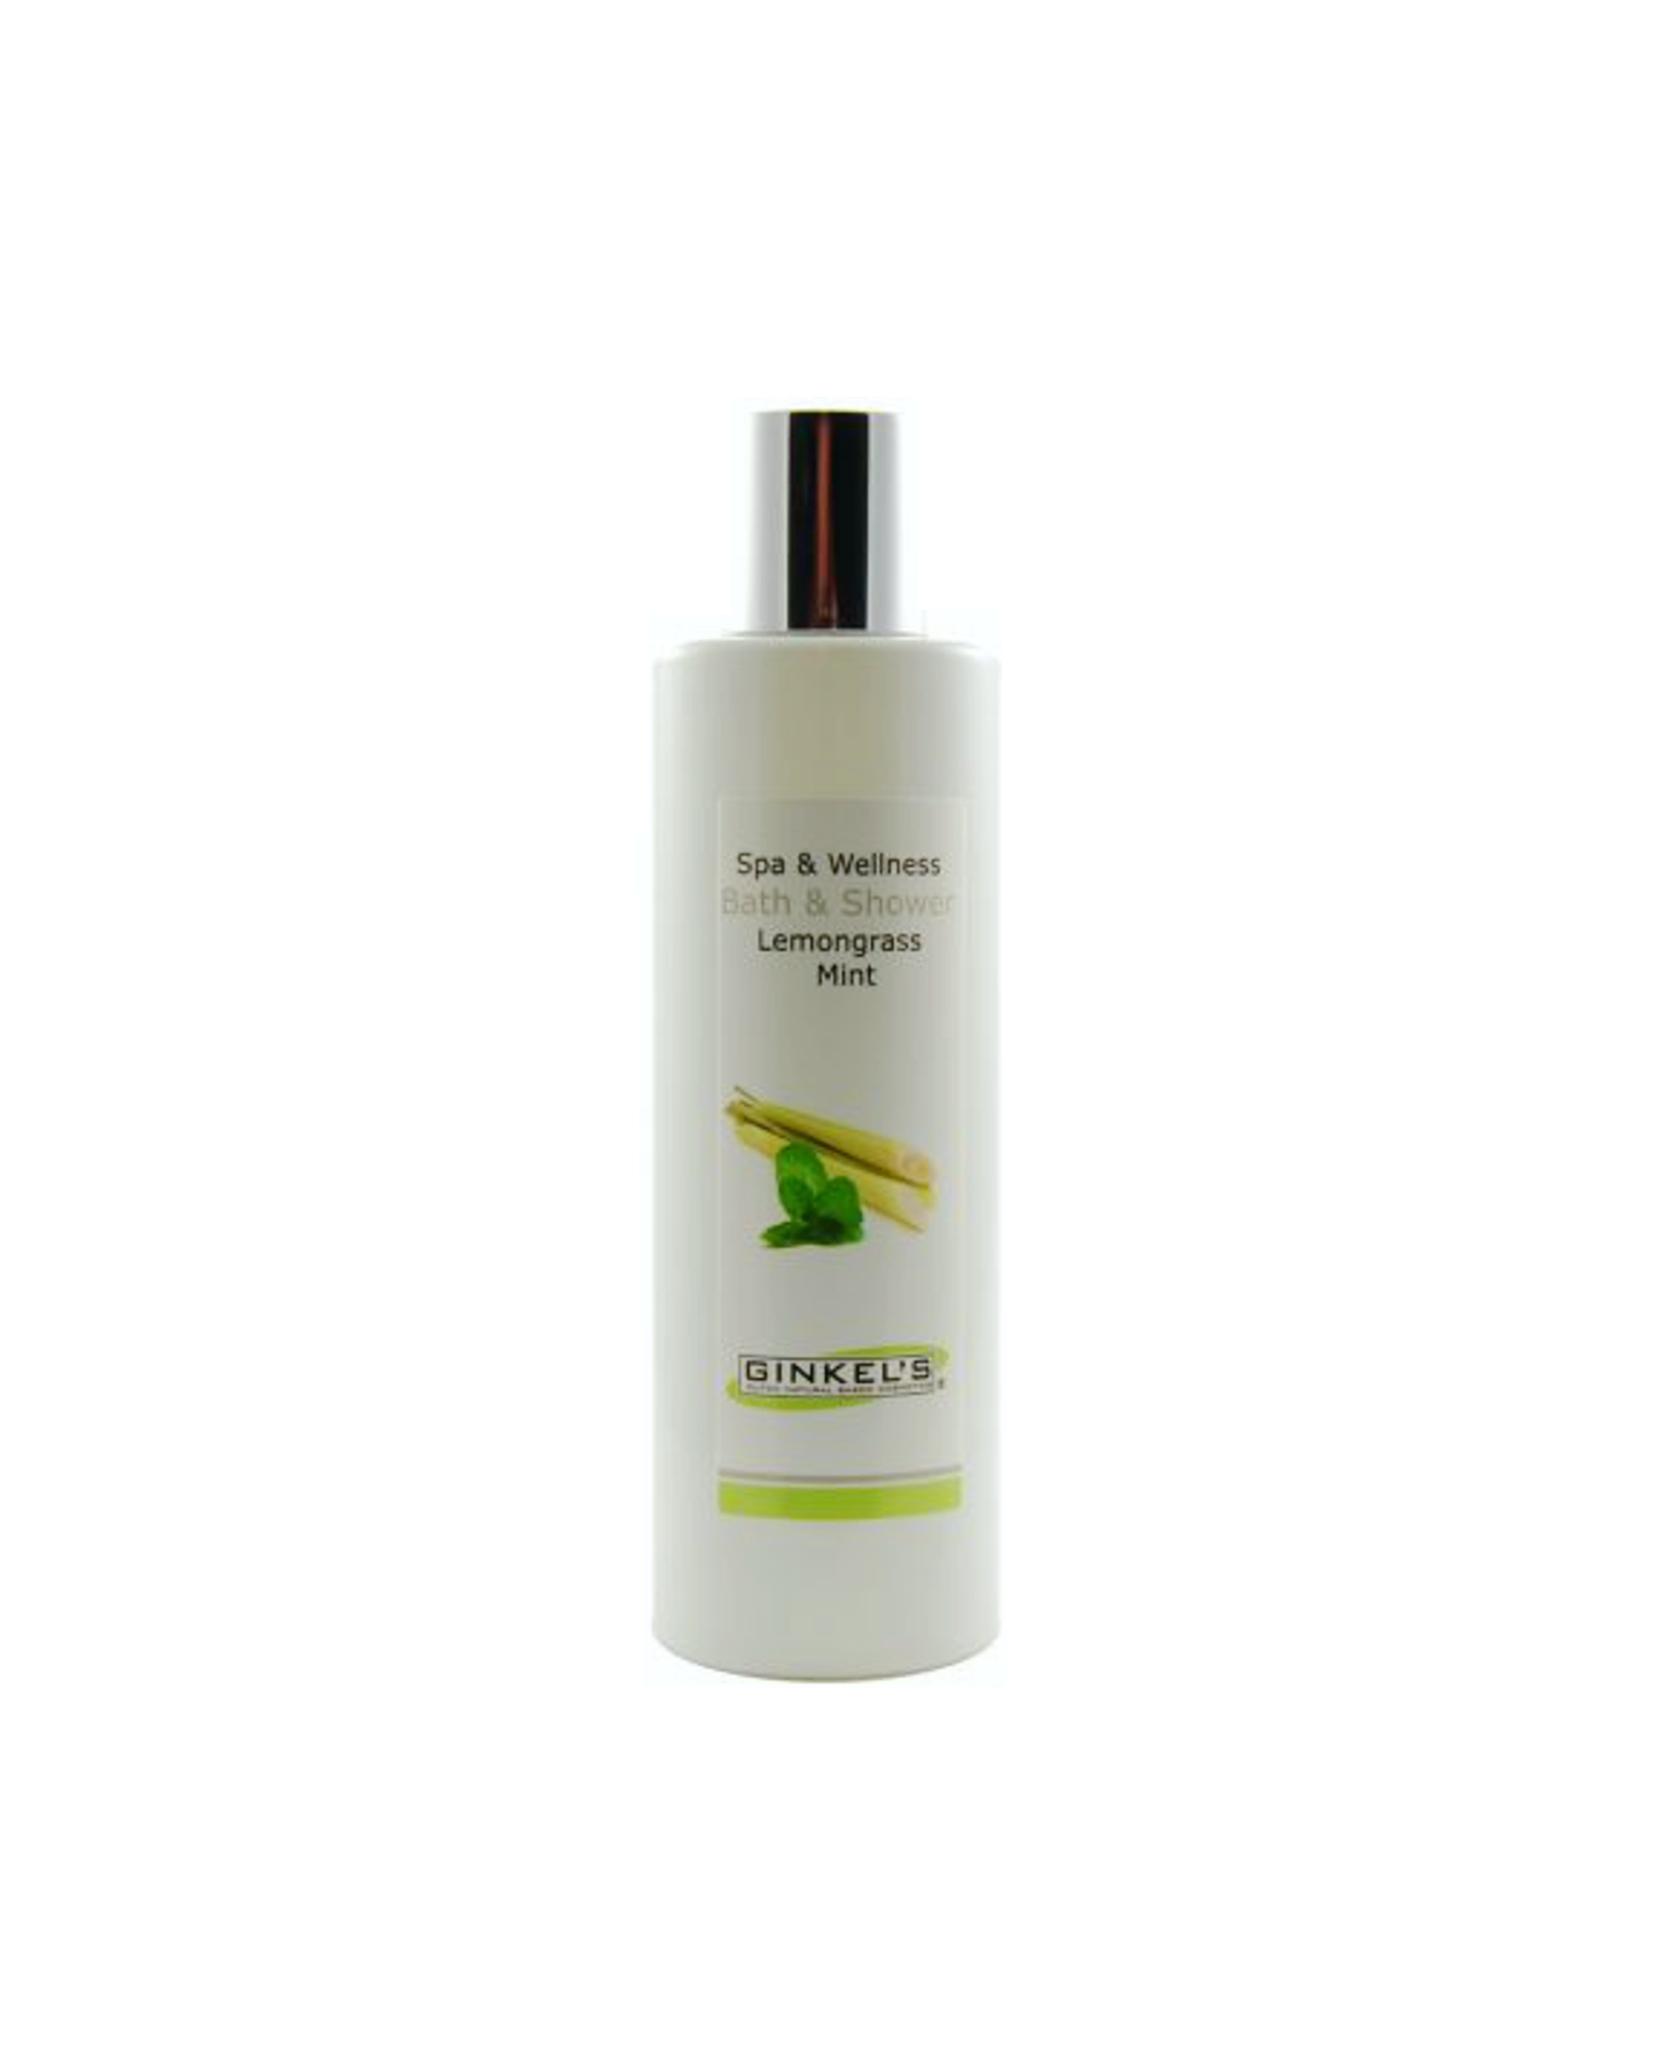 bath shower gel lemongrass mint 200 ml ginkels cosmetica. Black Bedroom Furniture Sets. Home Design Ideas